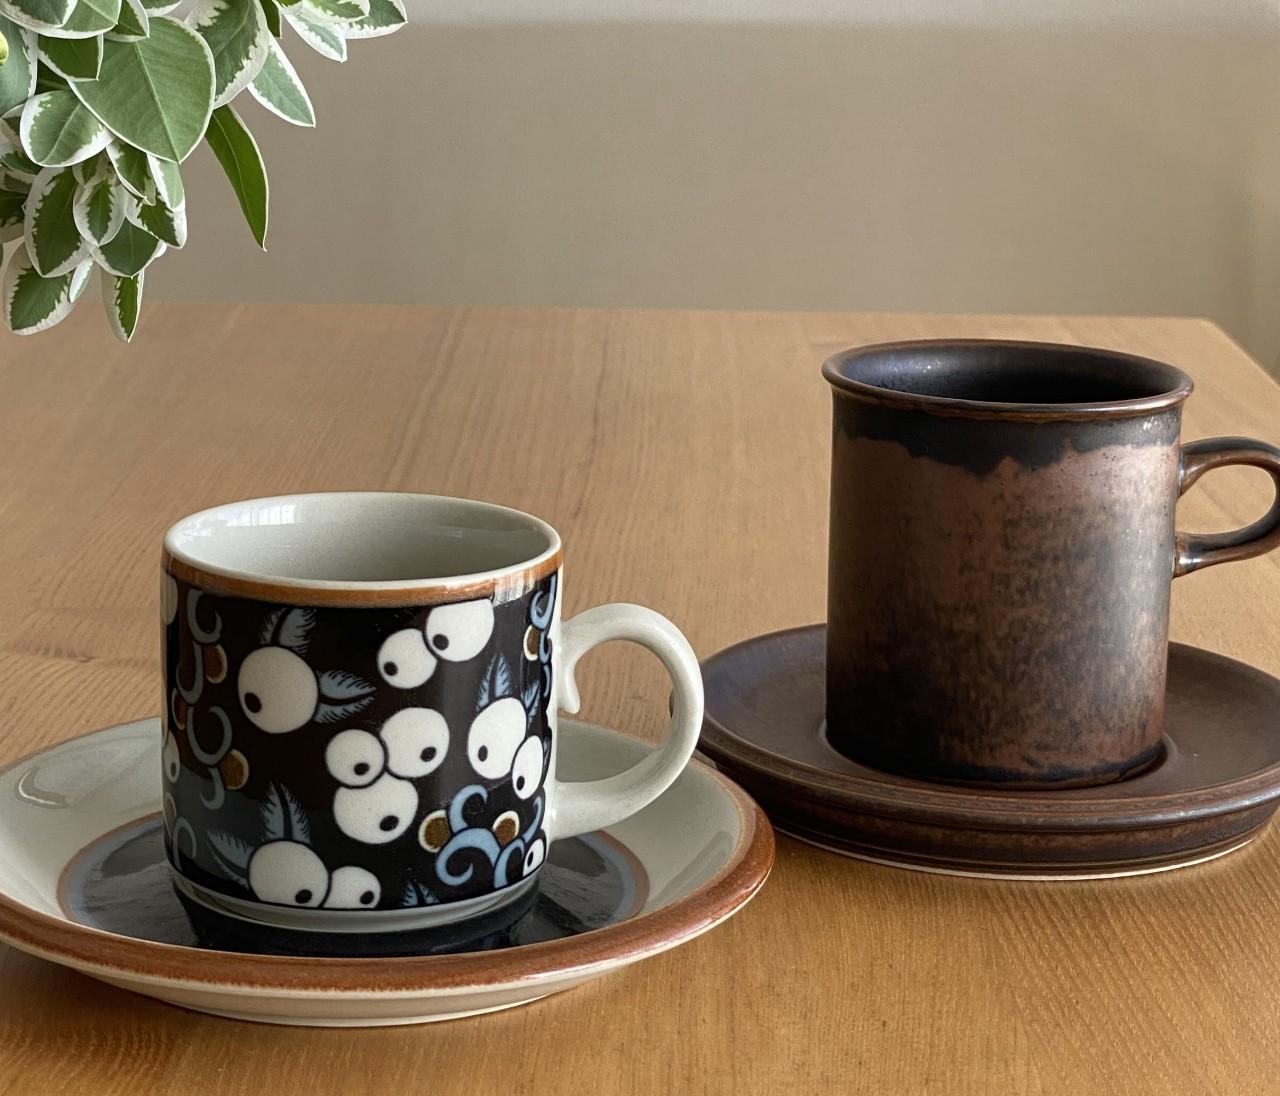 【エディターのおうち私物#135】在宅勤務のリズム作りに一役買ってるアラビアのカップ